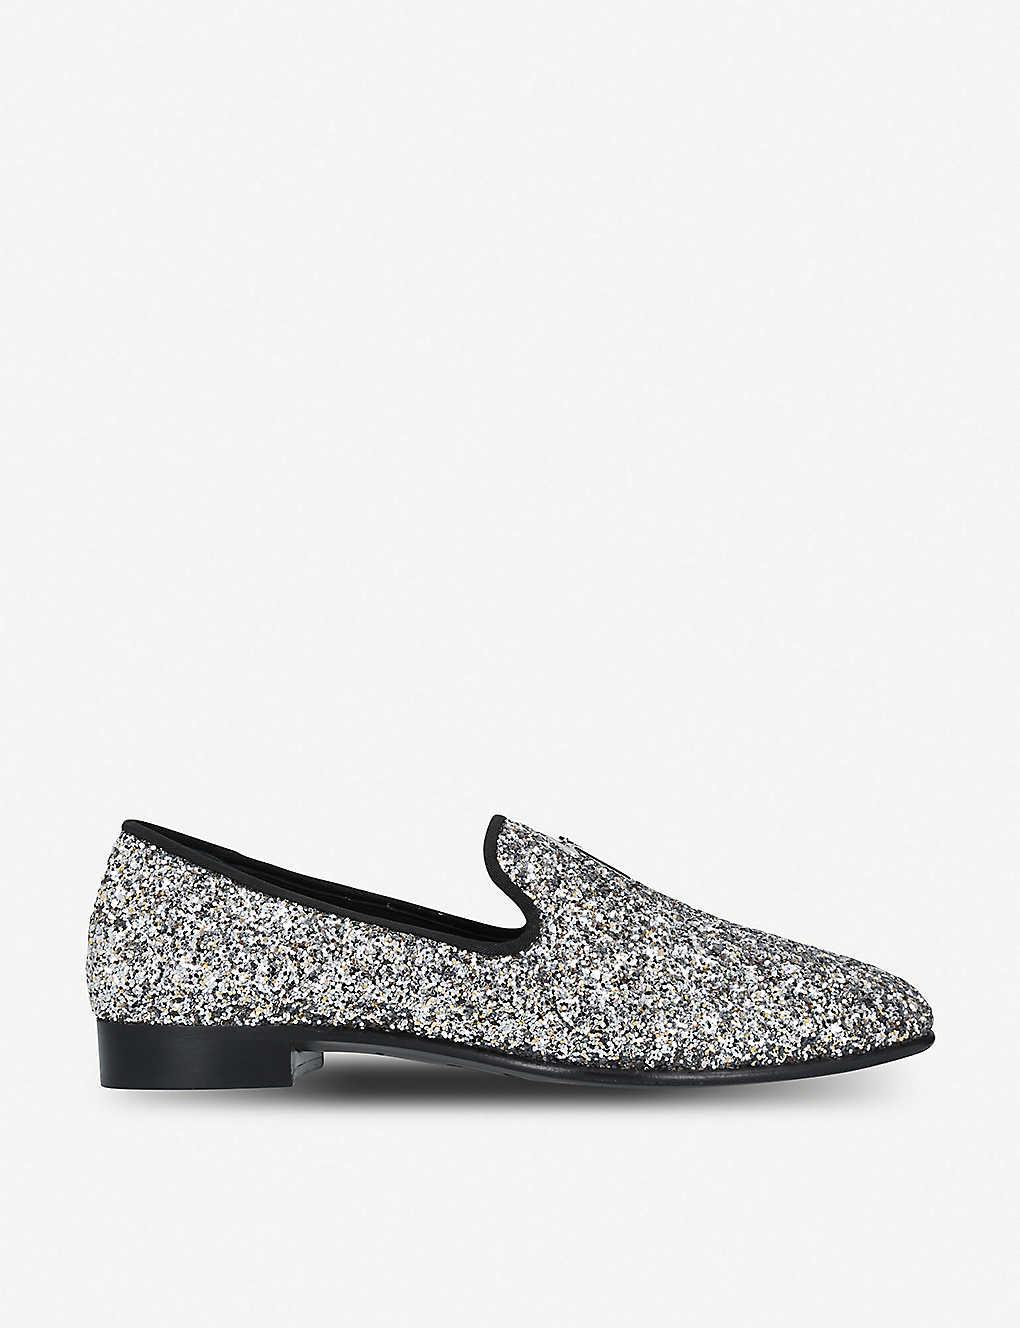 8ff956d8c7d15 GIUSEPPE ZANOTTI - All-over glitter leather slippers | Selfridges.com